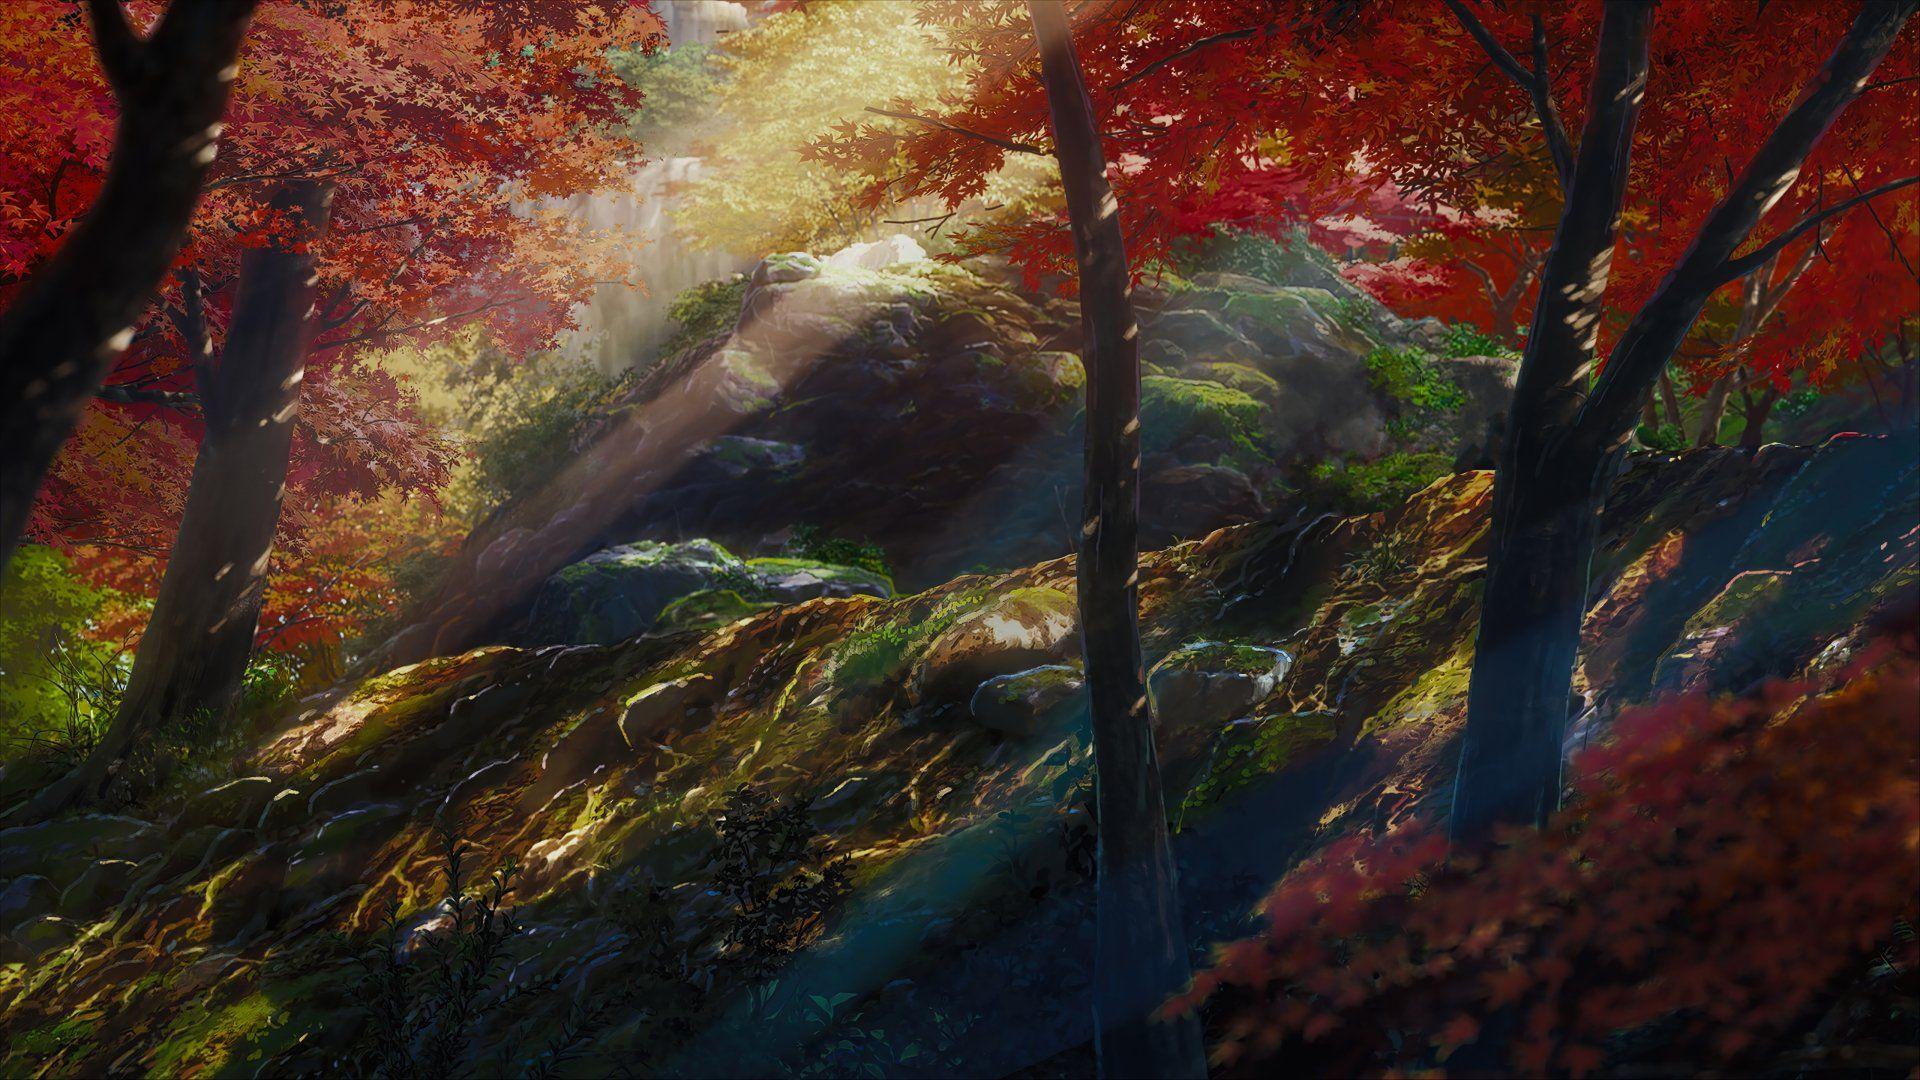 Anime Wallpaper 5120x2880 Your Name Kimi No Na Wa Tree Forest Colorful Anime Scenery Scenery Kimi No Na Wa